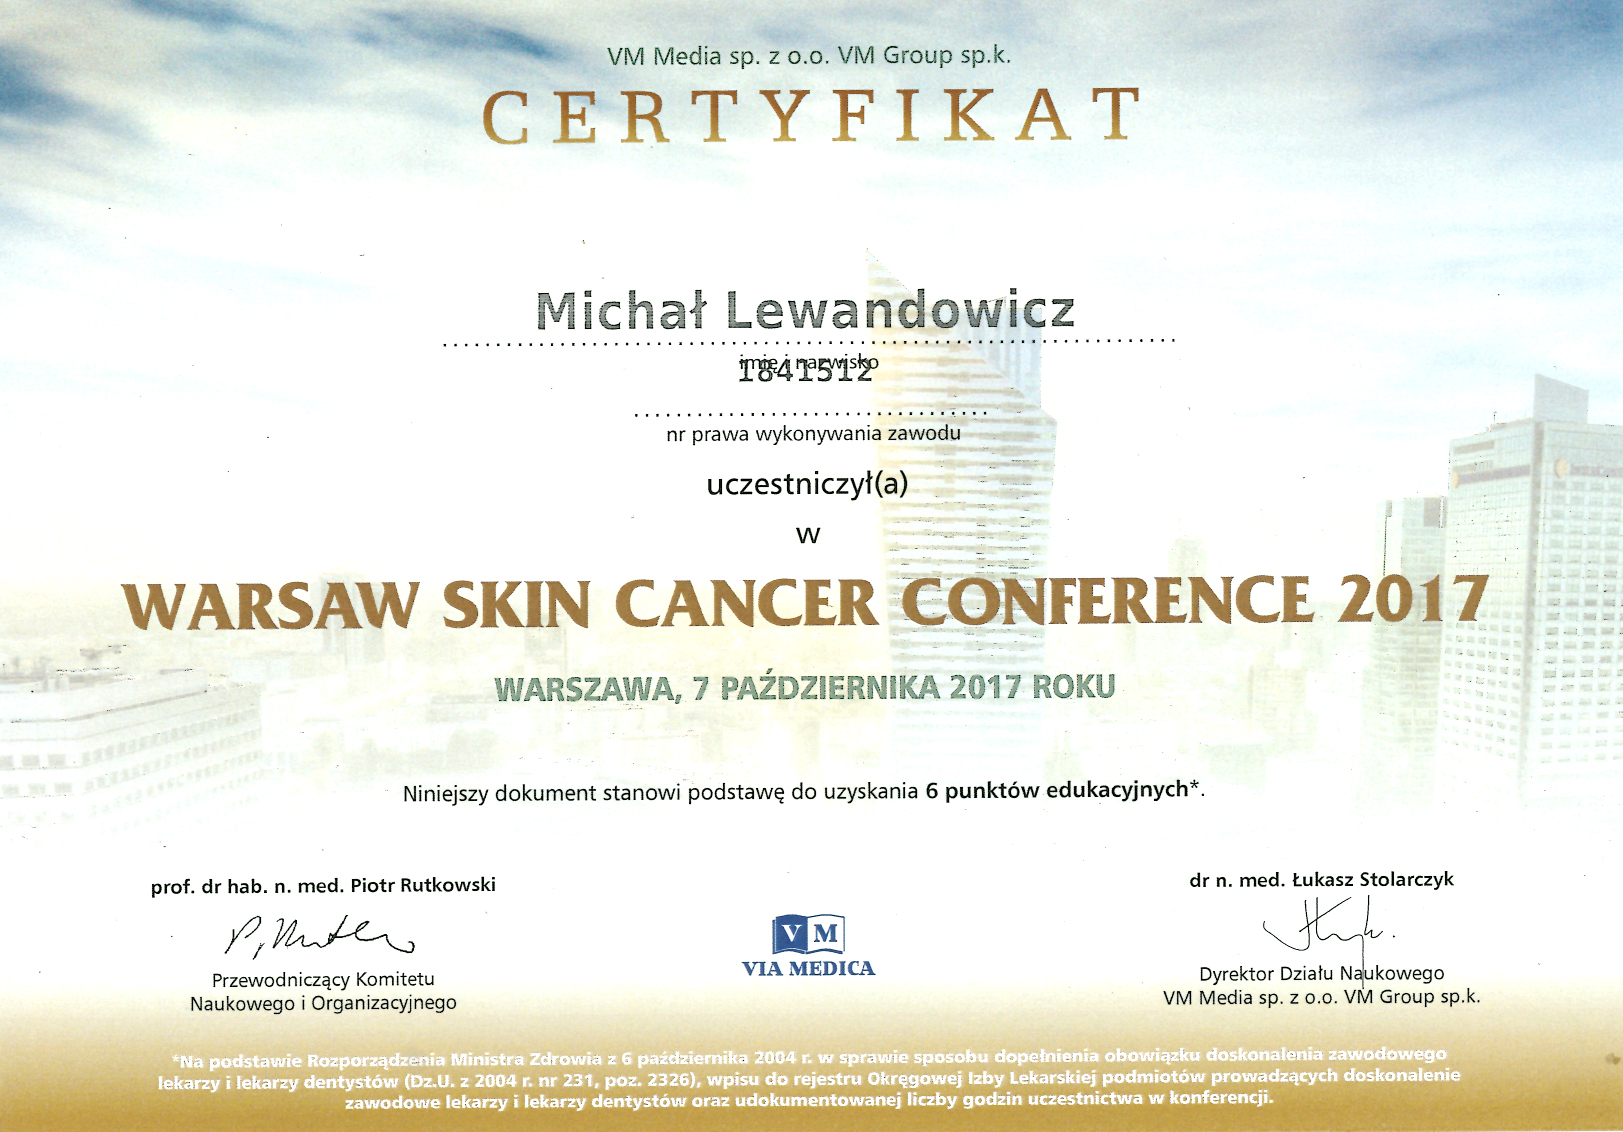 Cert Waw Skin Ca 2017 - dr n. med. Michał Lewandowicz